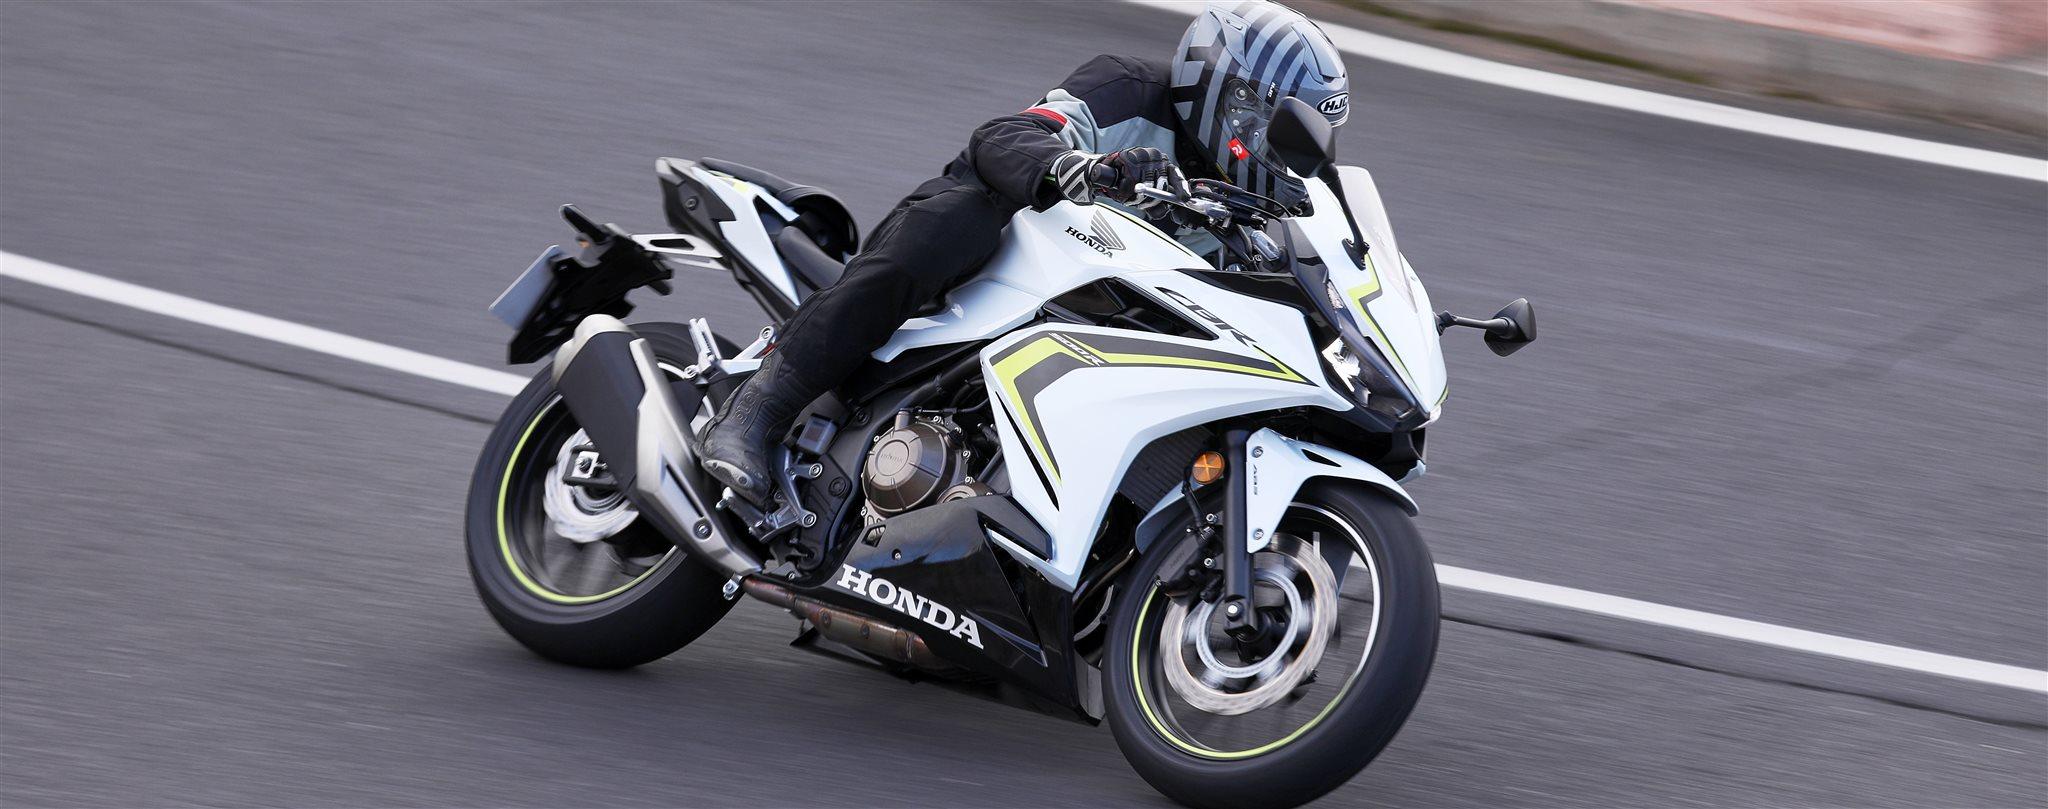 Honda CBR500R 2019 Test - Bilder, Neuheiten, Top Speed